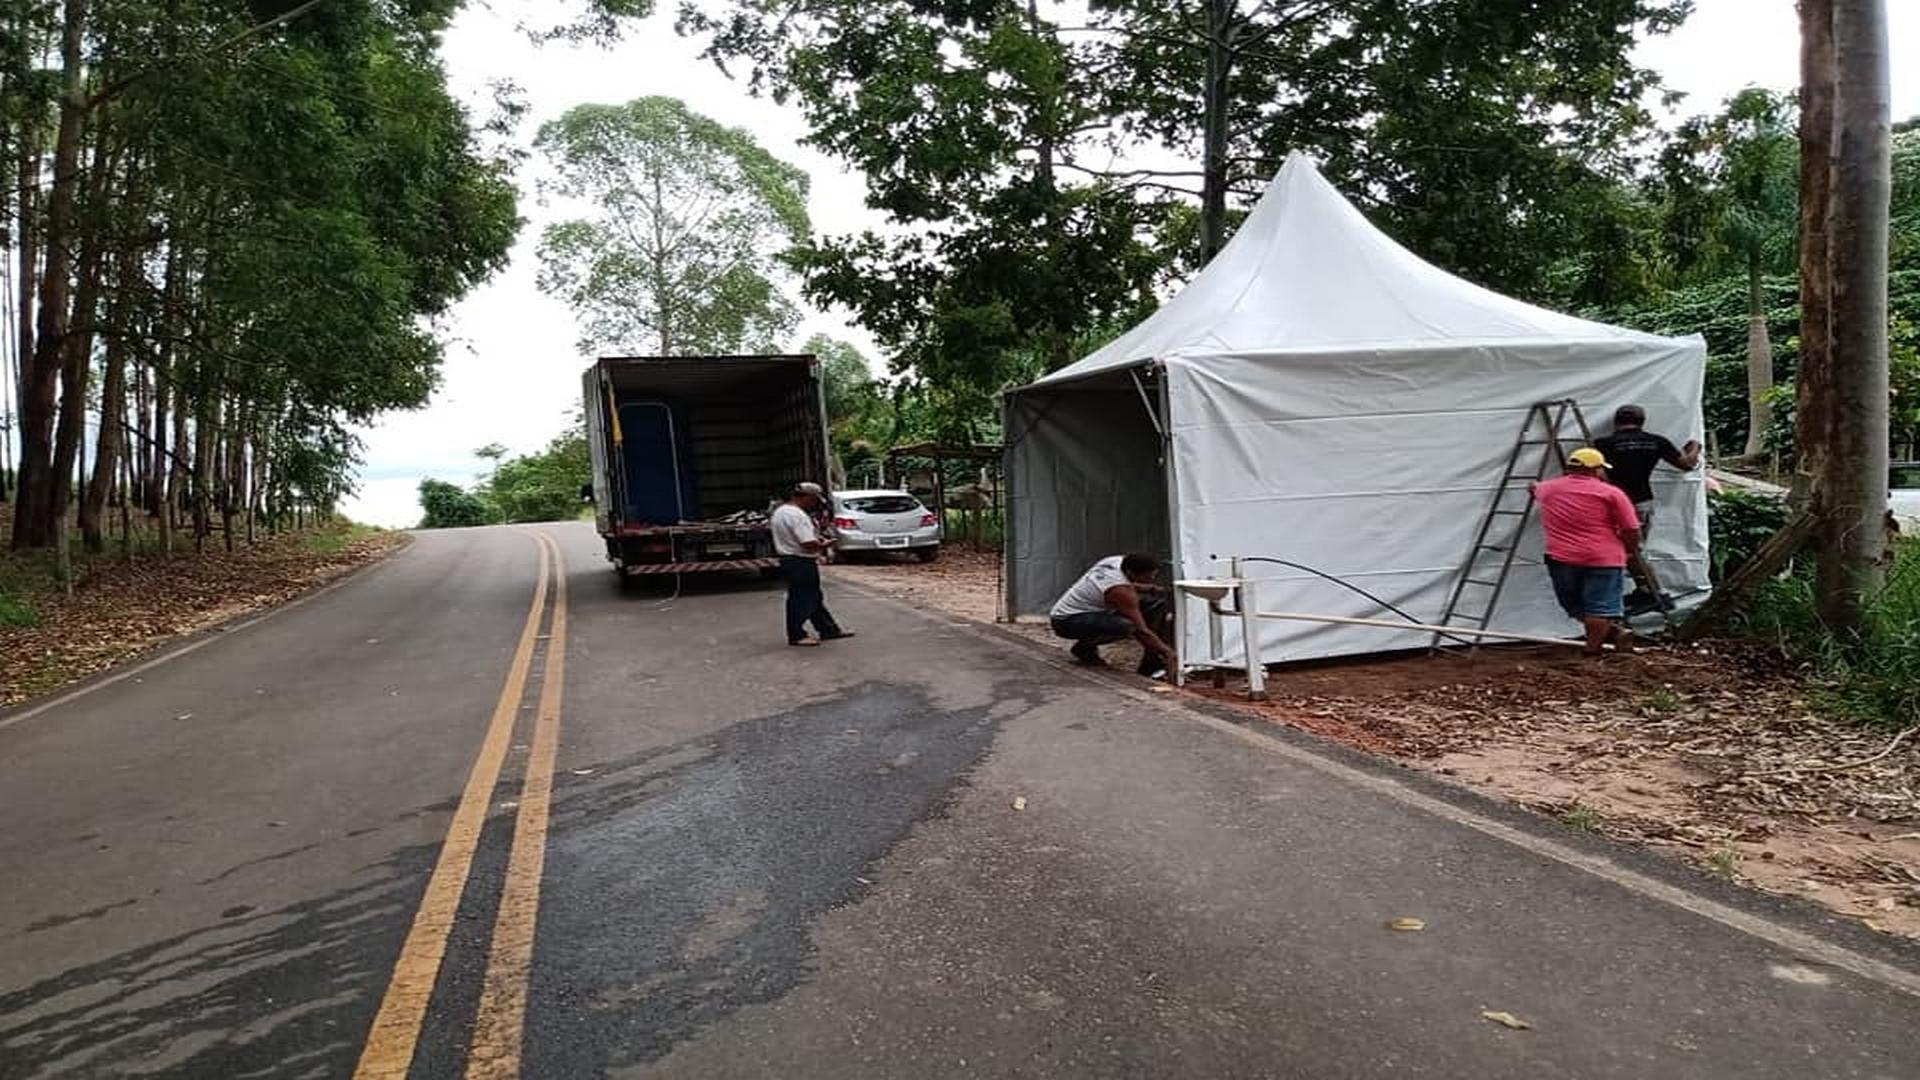 COVID-19: PREFEITURA MUNICIPAL DE ARAPONGA JÁ INICIA IMPLANTAÇÃO DAS BARREIRAS SANITÁRIAS !!!